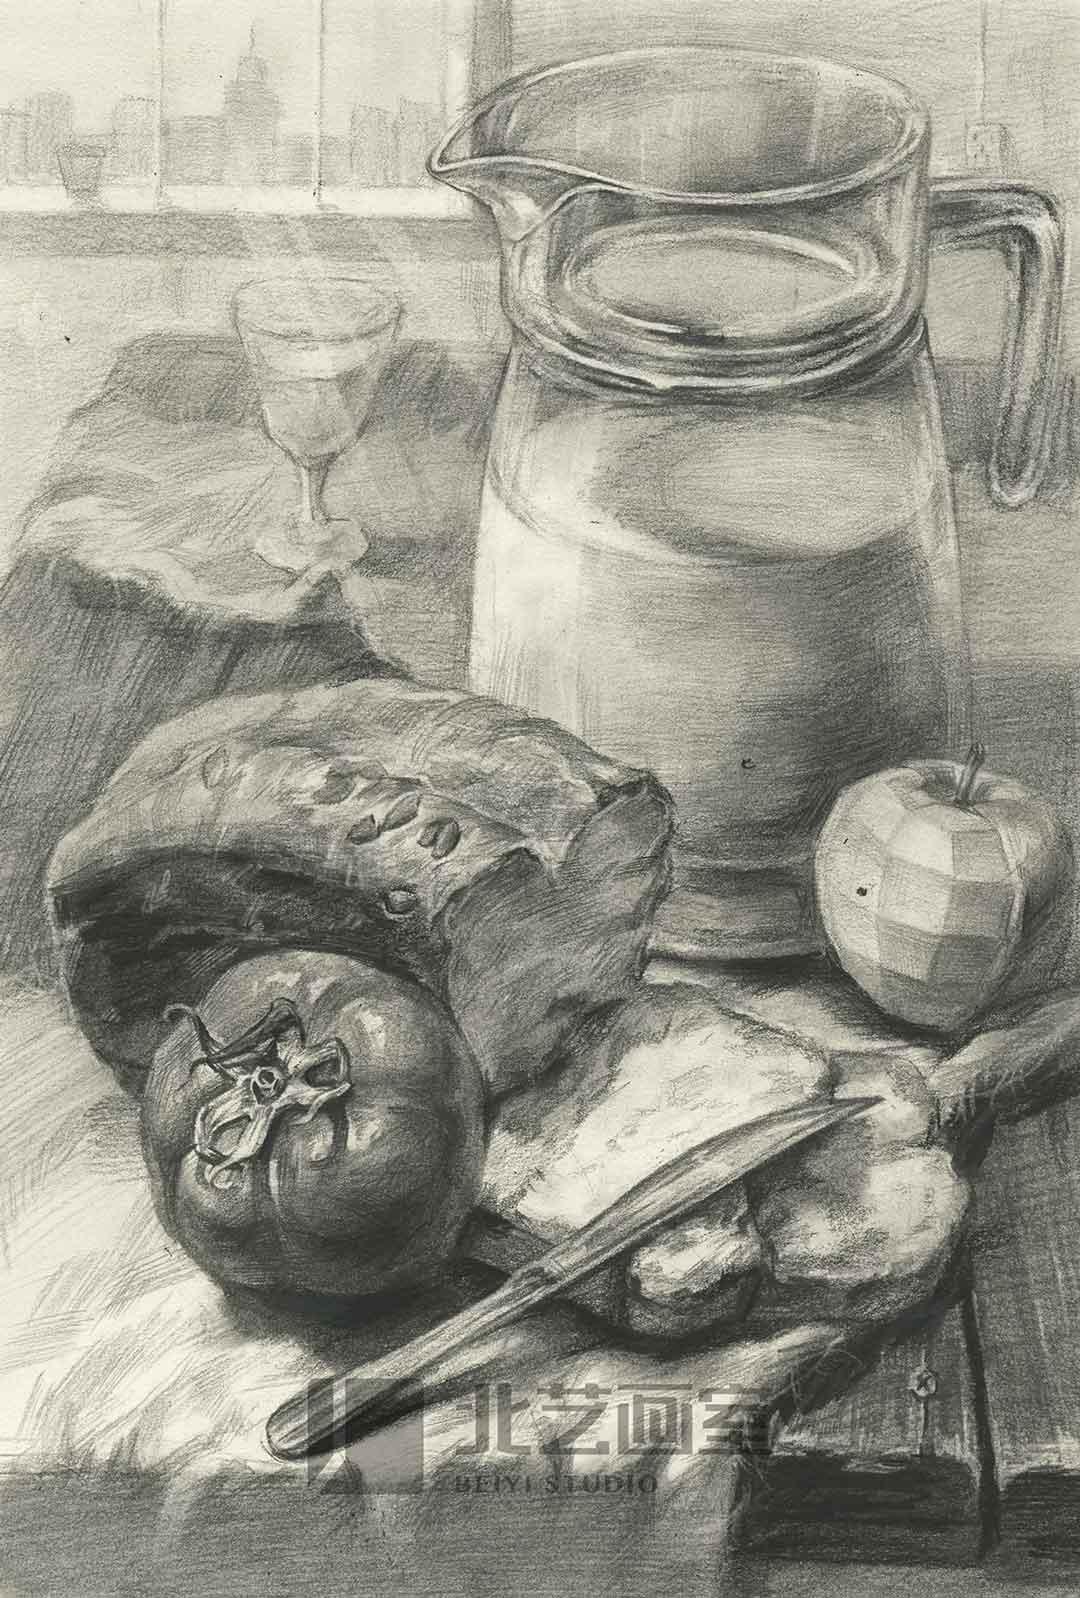 描静物组合作品赏析——牛奶、面包、刀、果蔬